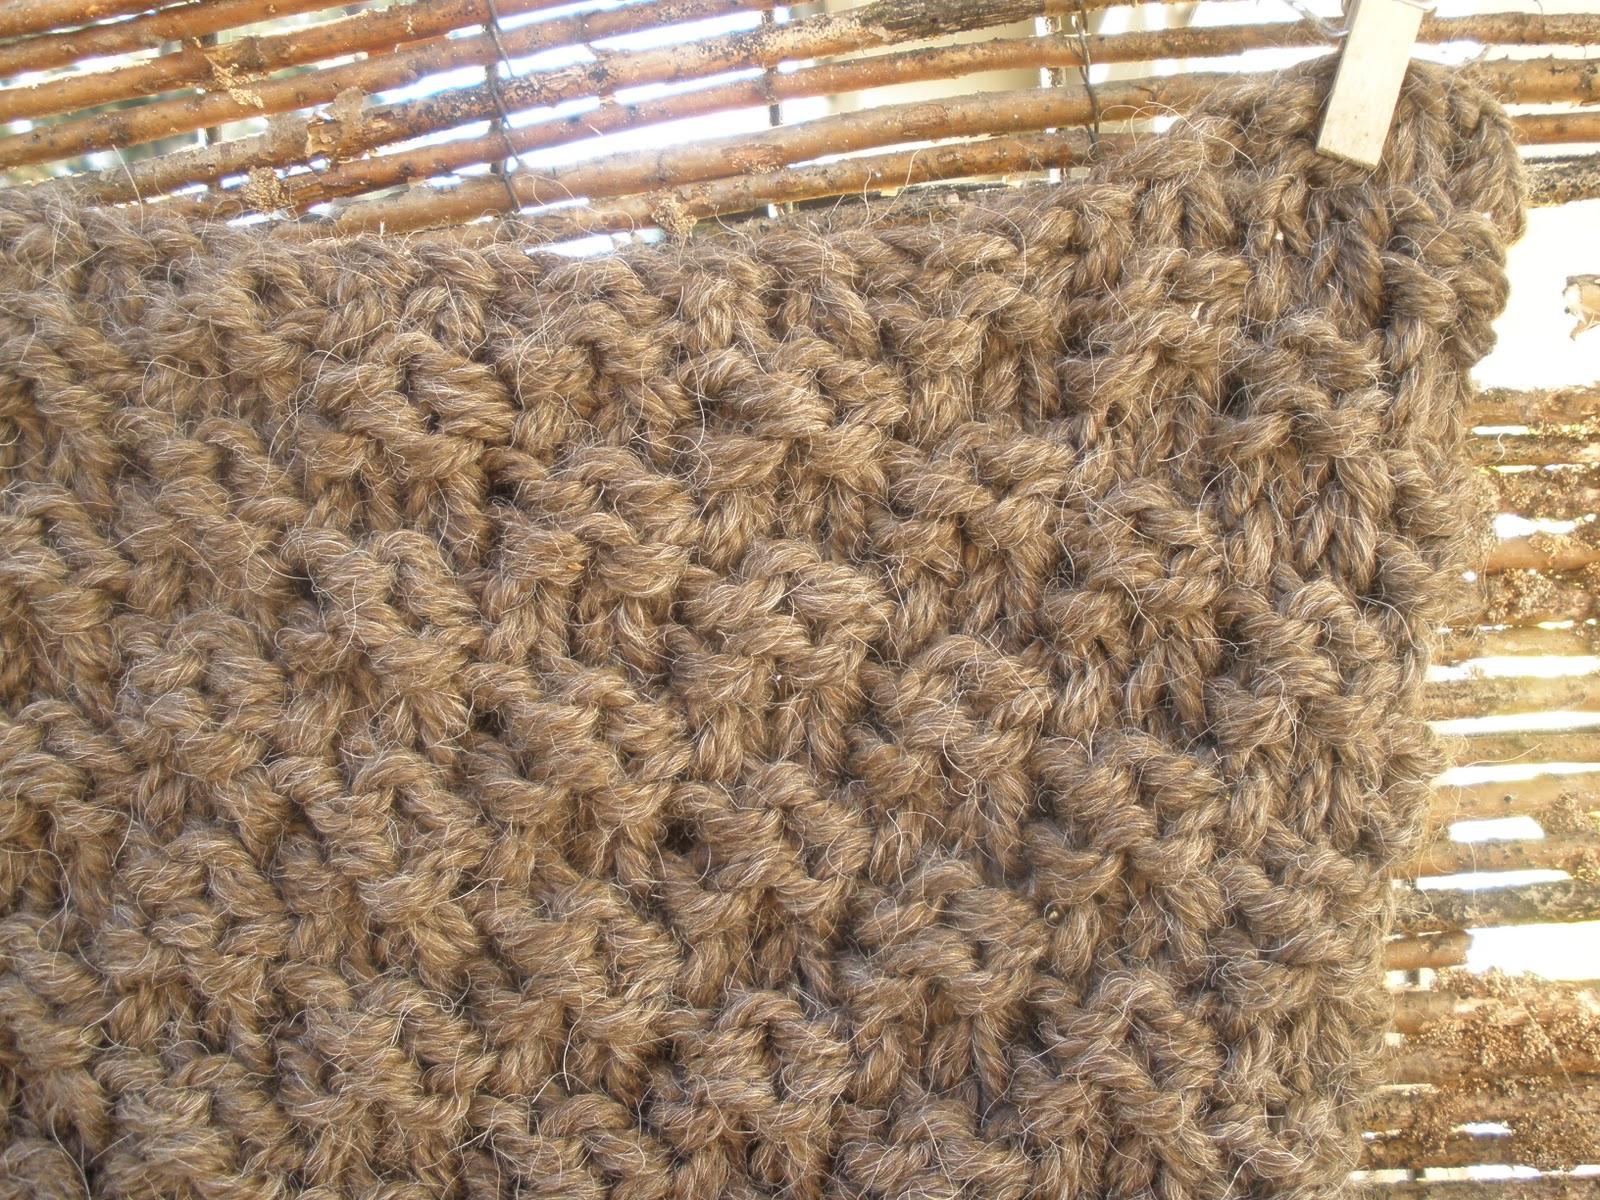 El bosque de lana nuevos cuellos esta vez en colores lisos Artesania gallega regalos